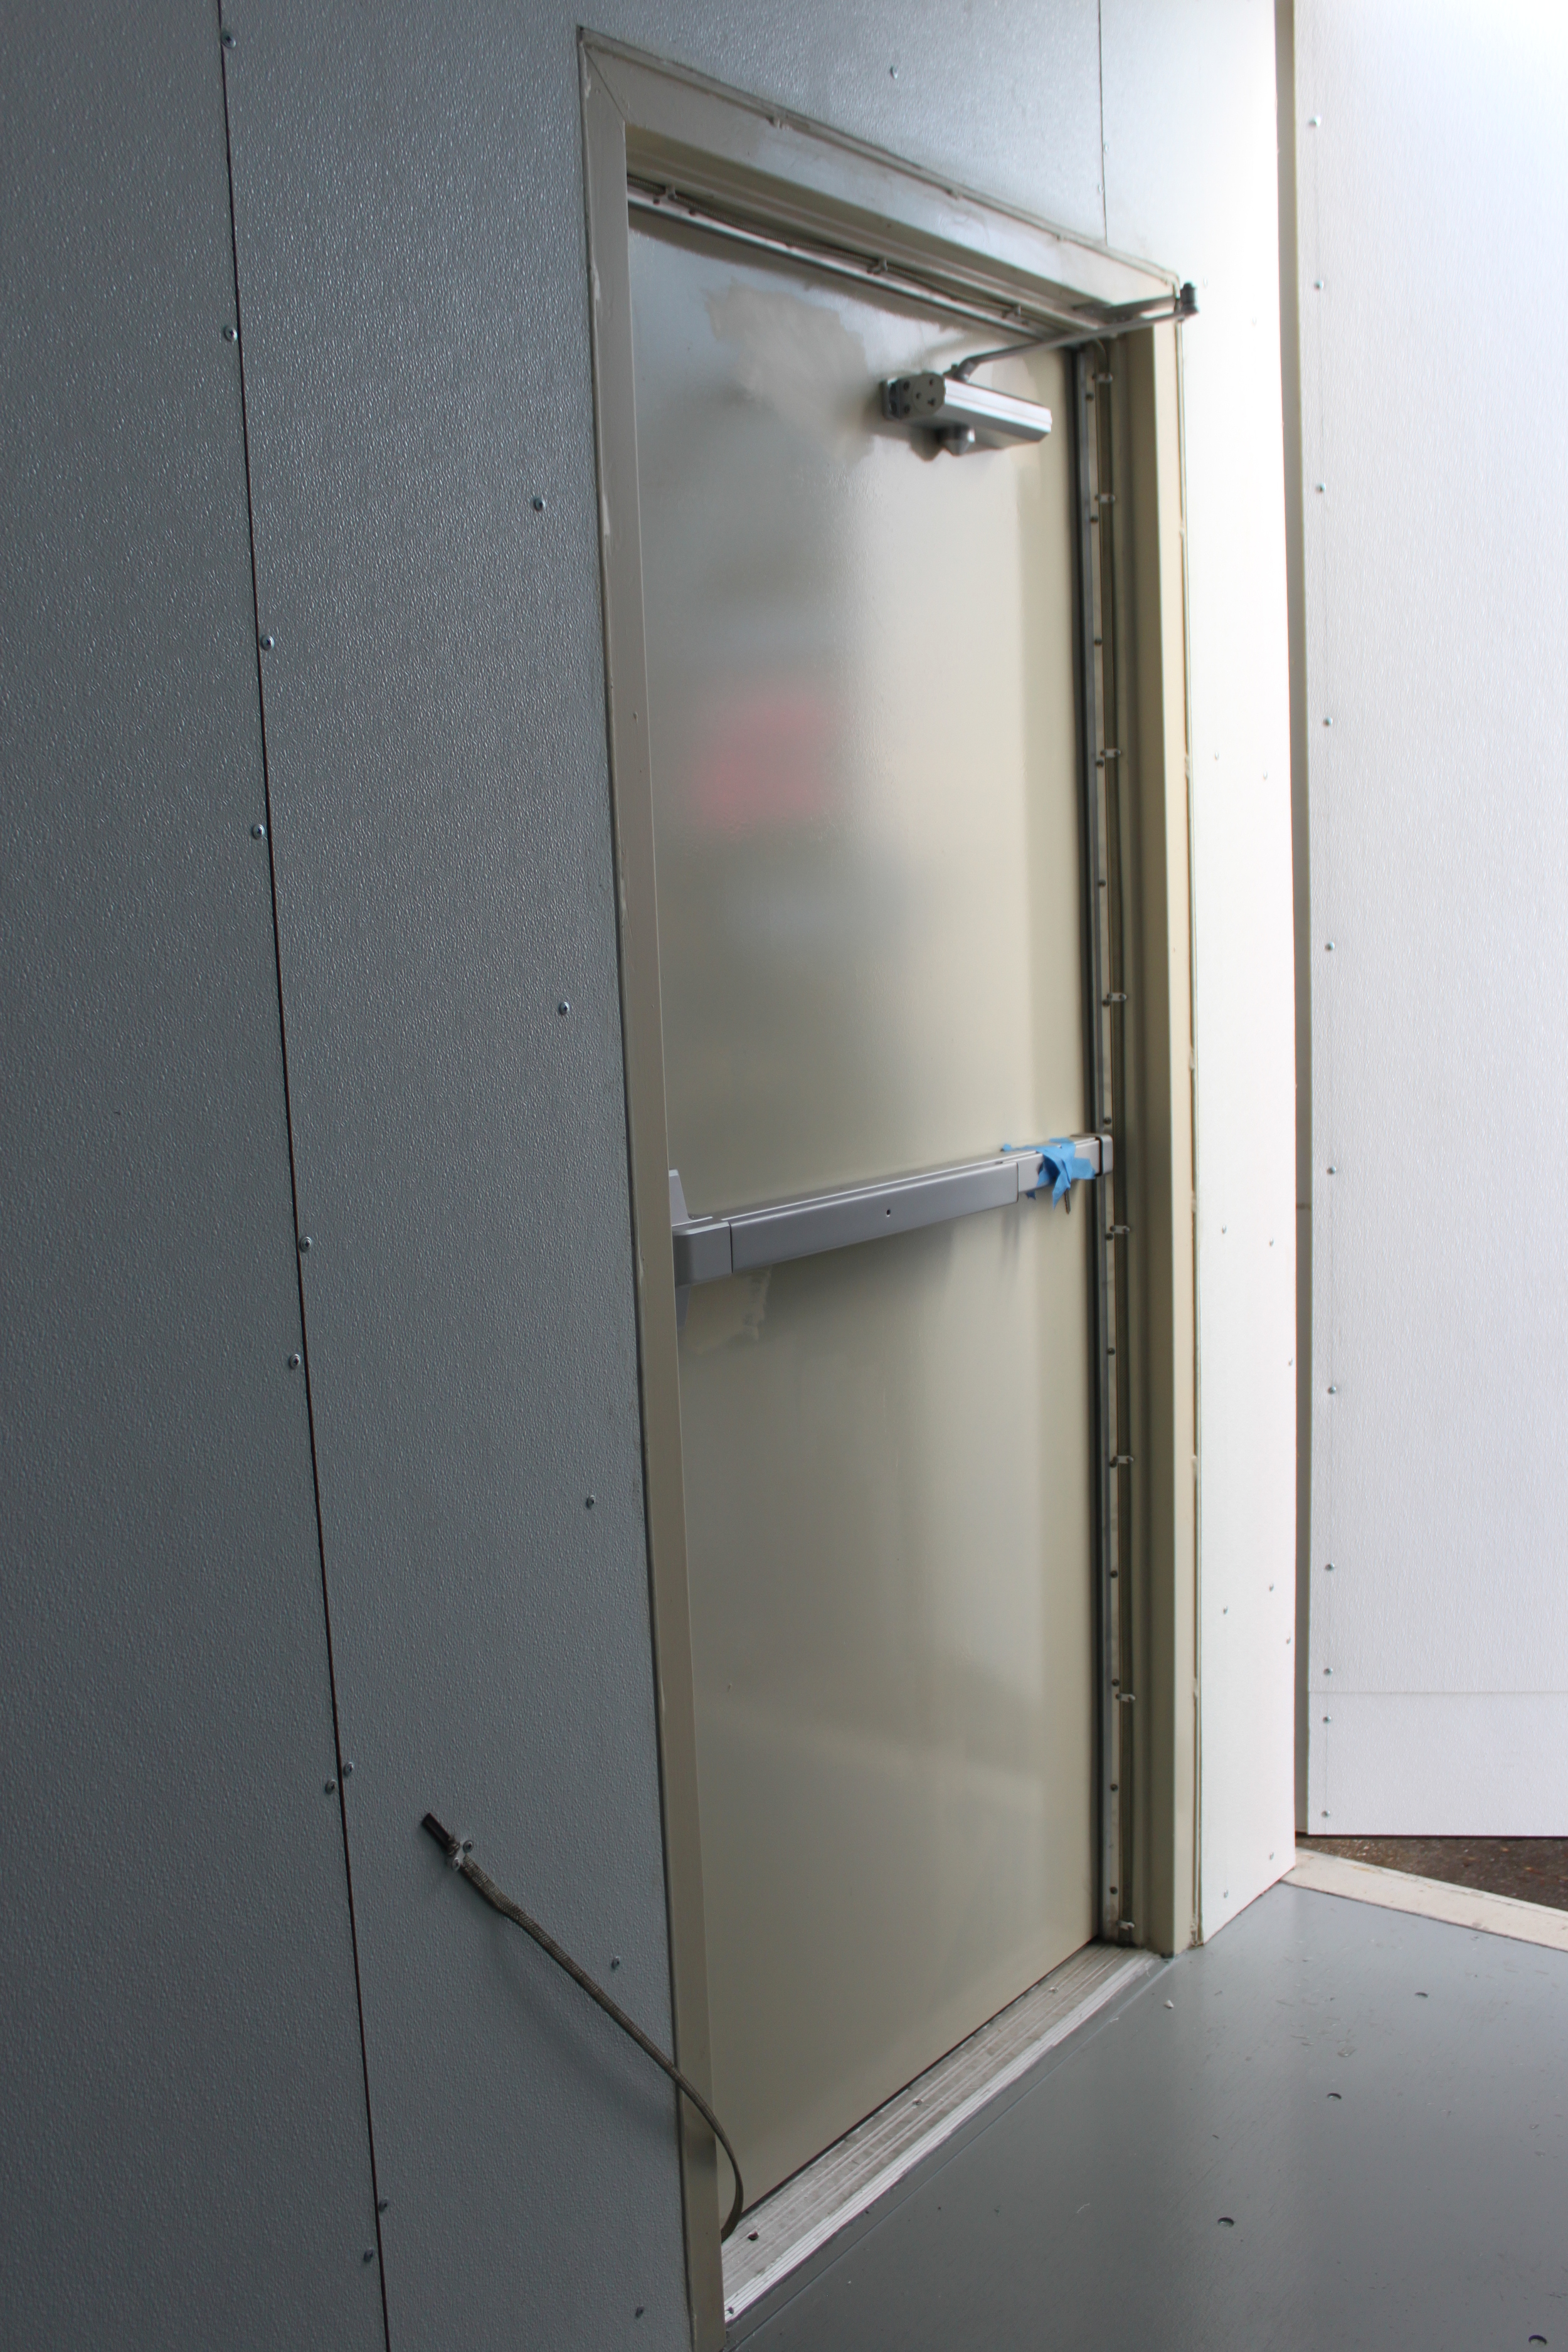 Man-door with panic bar (and keys taped to the panic bar)